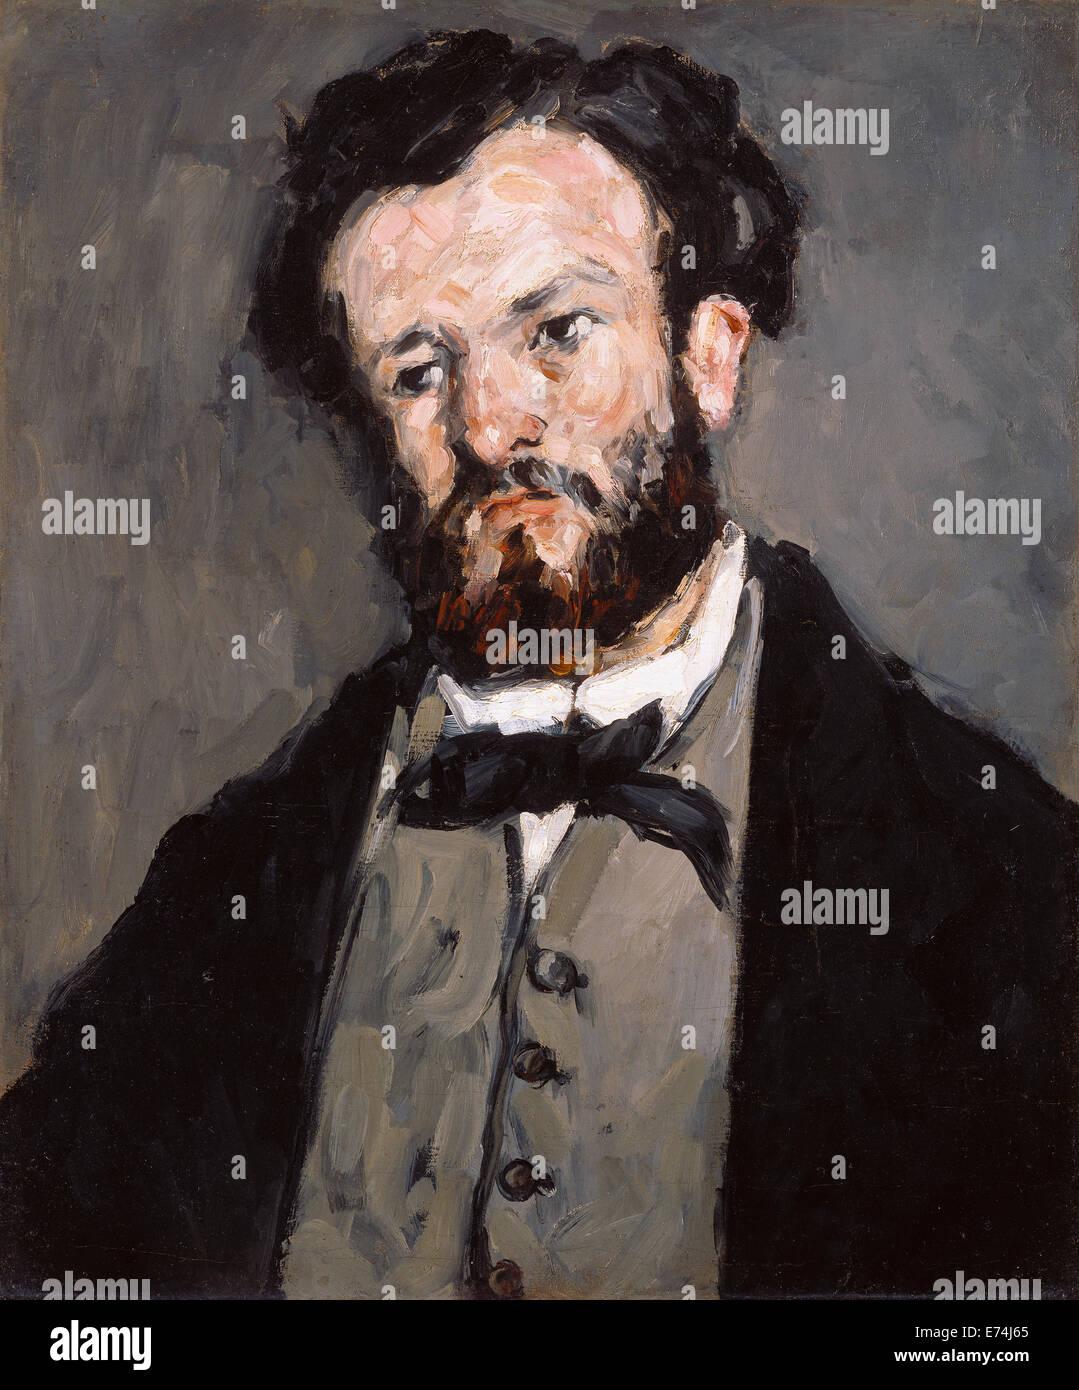 Ritratto di Anthony Valabrègue; Paul Cézanne, francese, 1839 - 1906; 1869 - 1871; Olio su tela; senza Immagini Stock